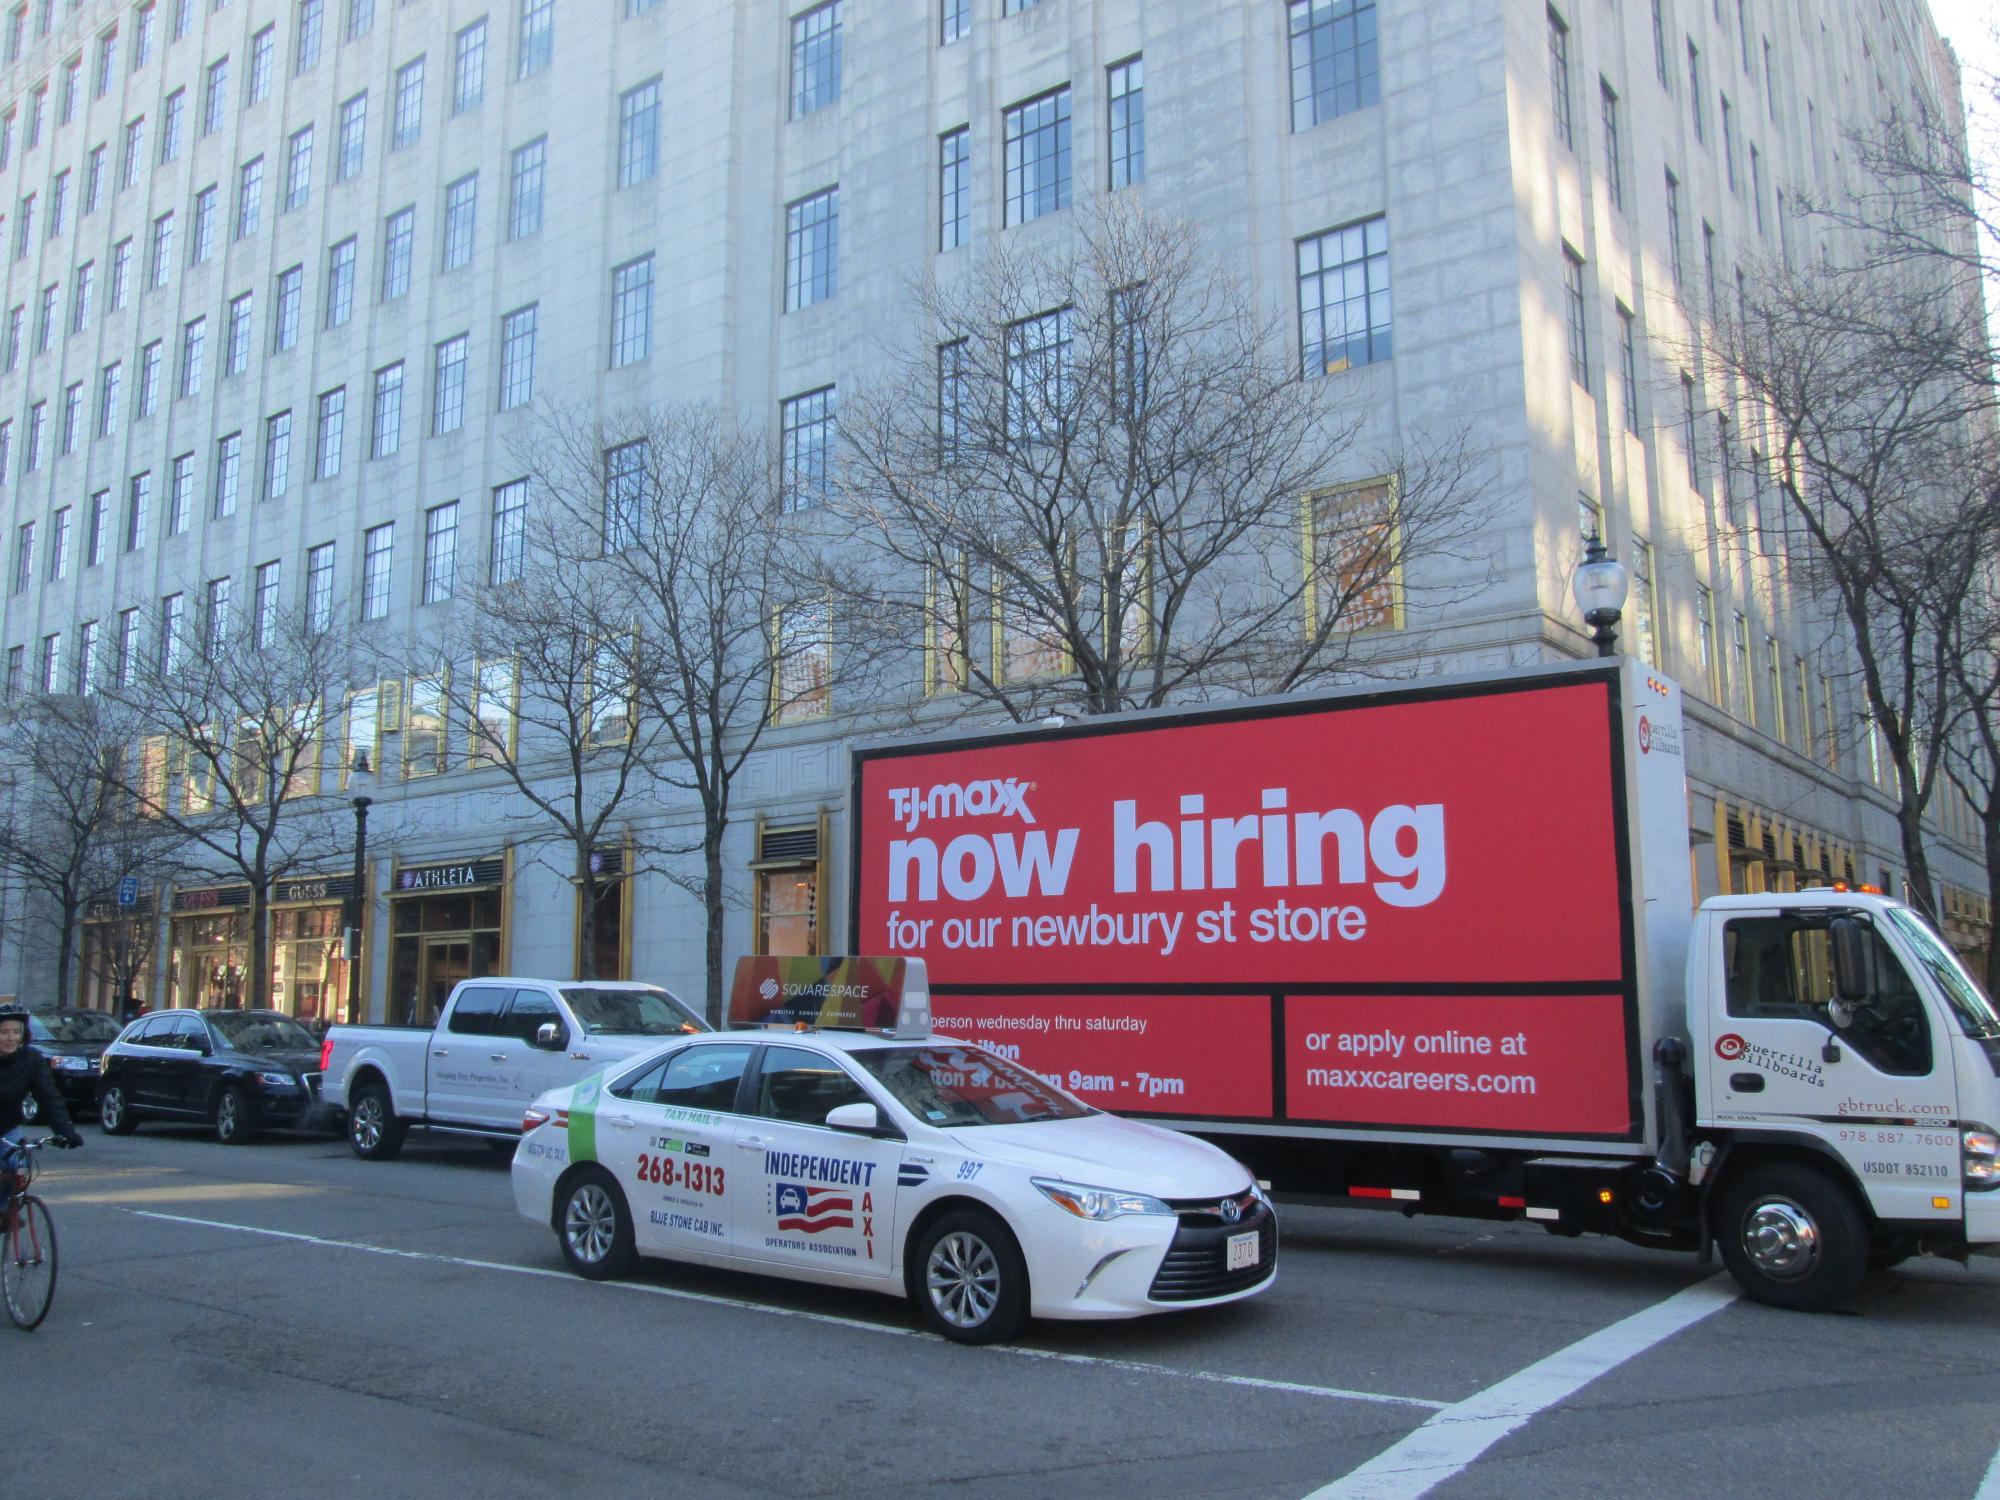 TJ Maxx NOW HIRING billboard truck ad in Boston